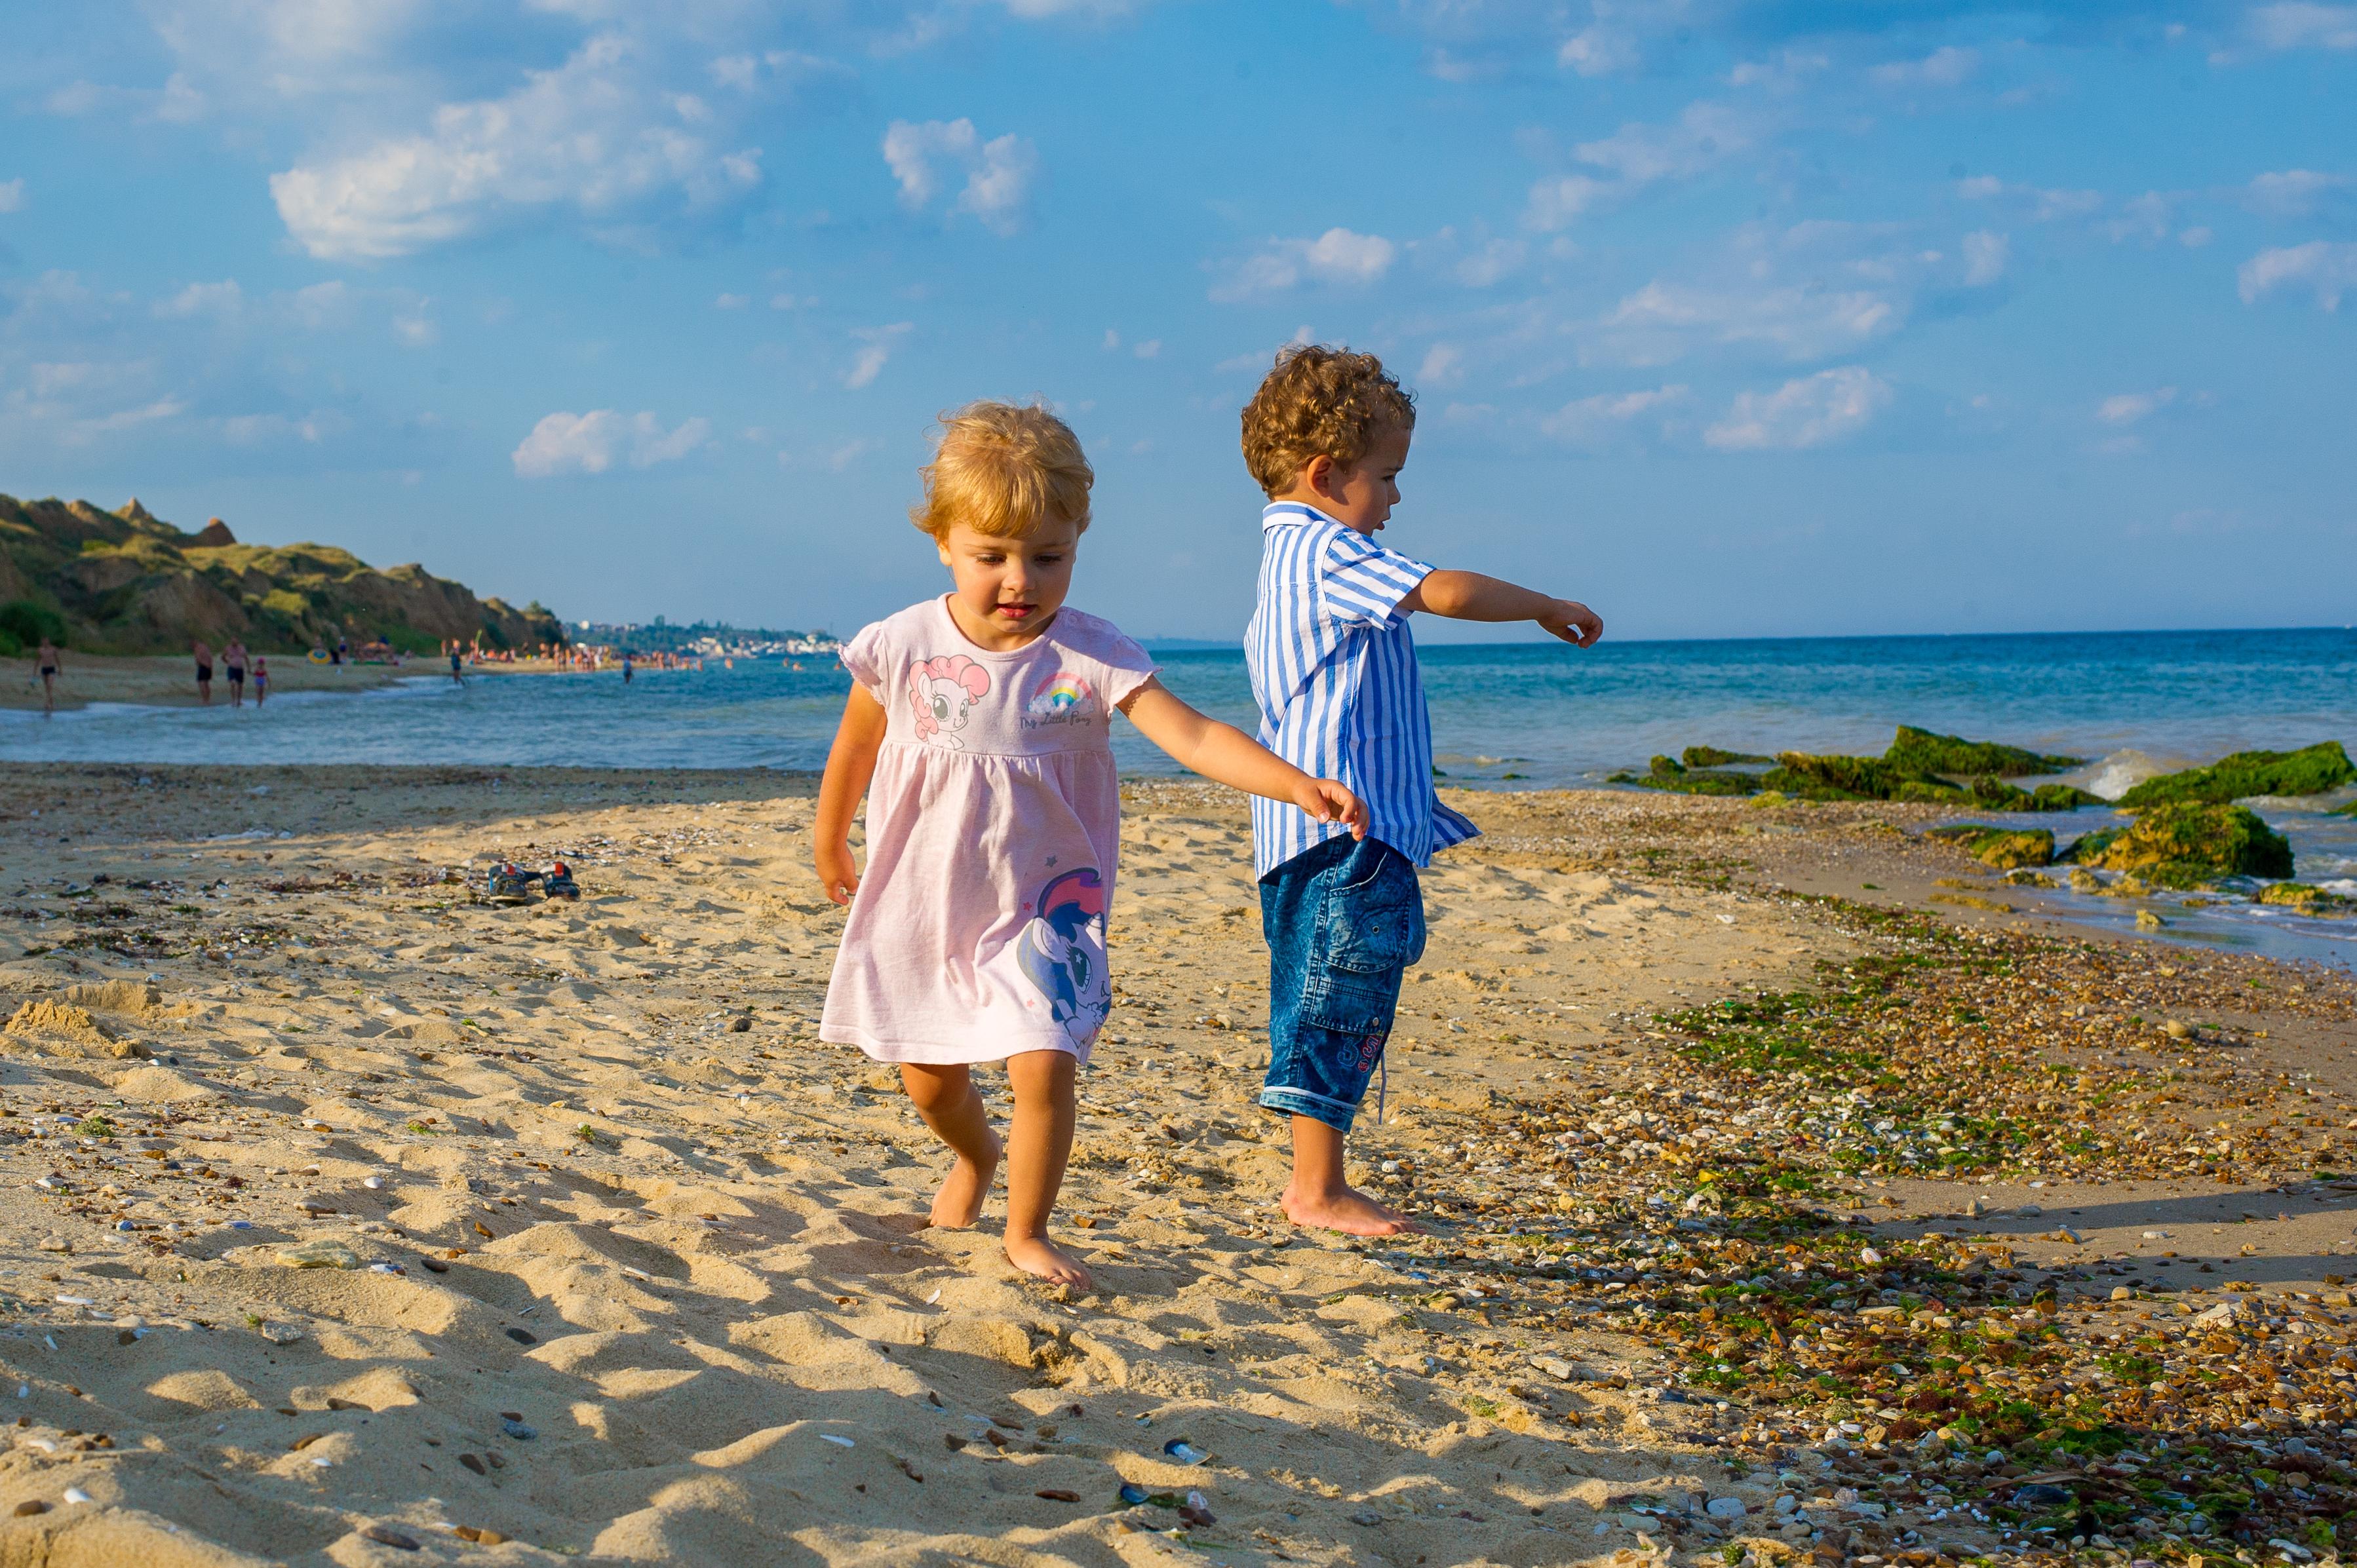 Лучший пляж для маленьких детей Украина Эко-дача